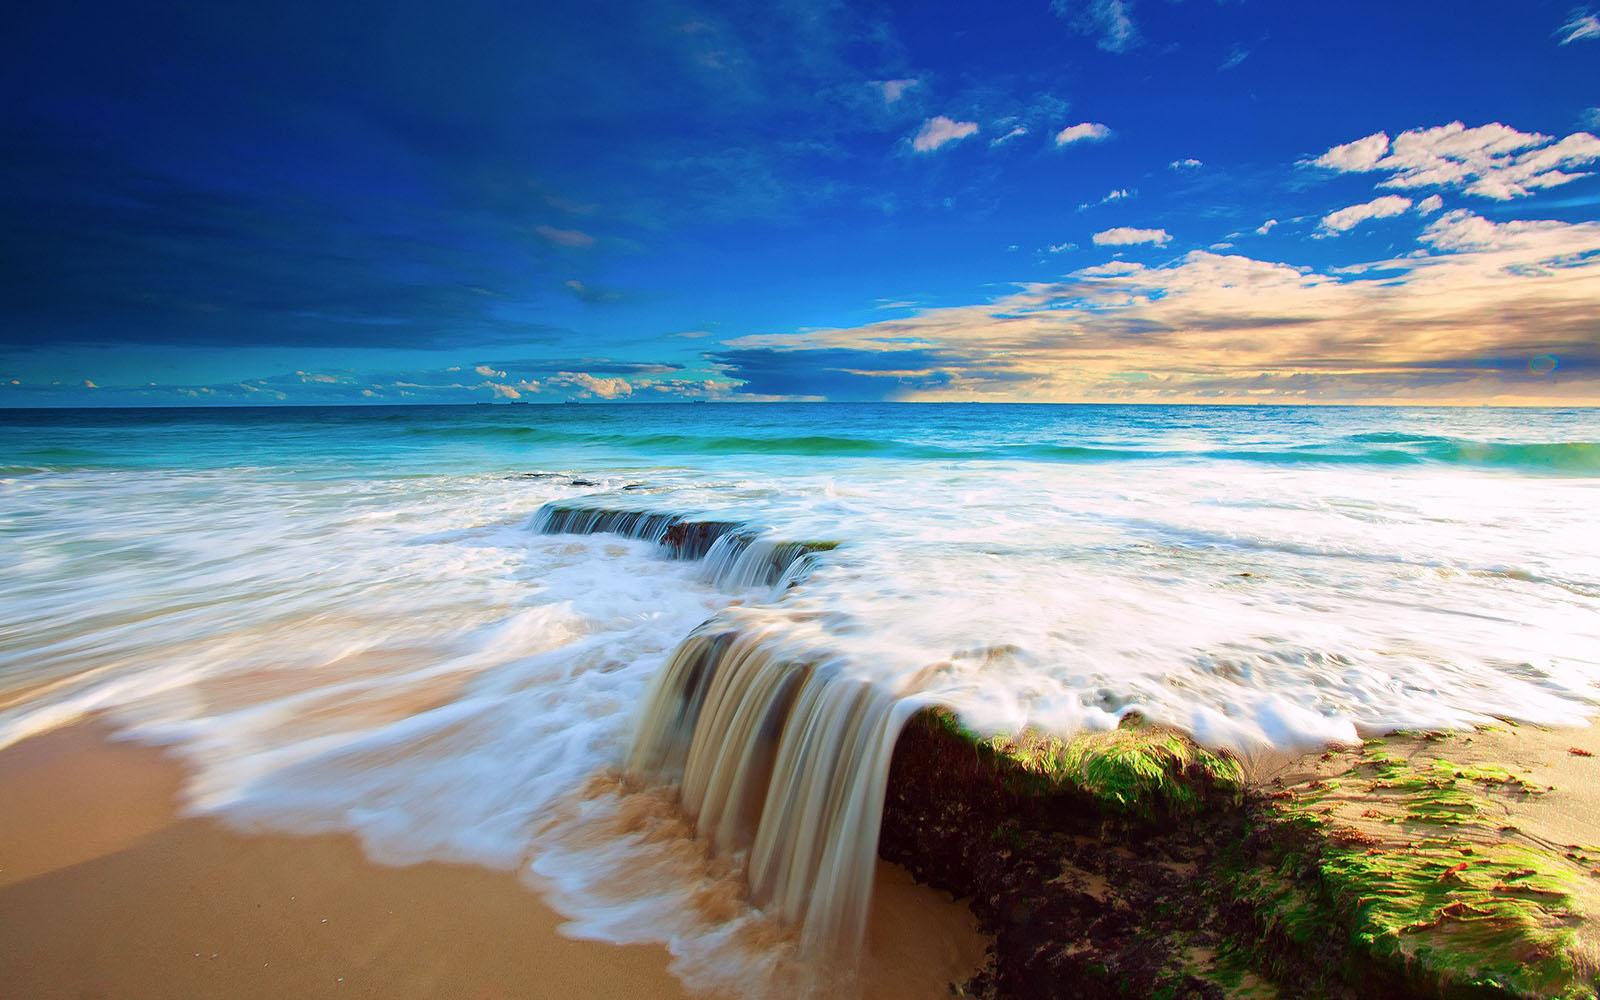 صور بحر خلفيات البحار والمياة بجودة HD (9)